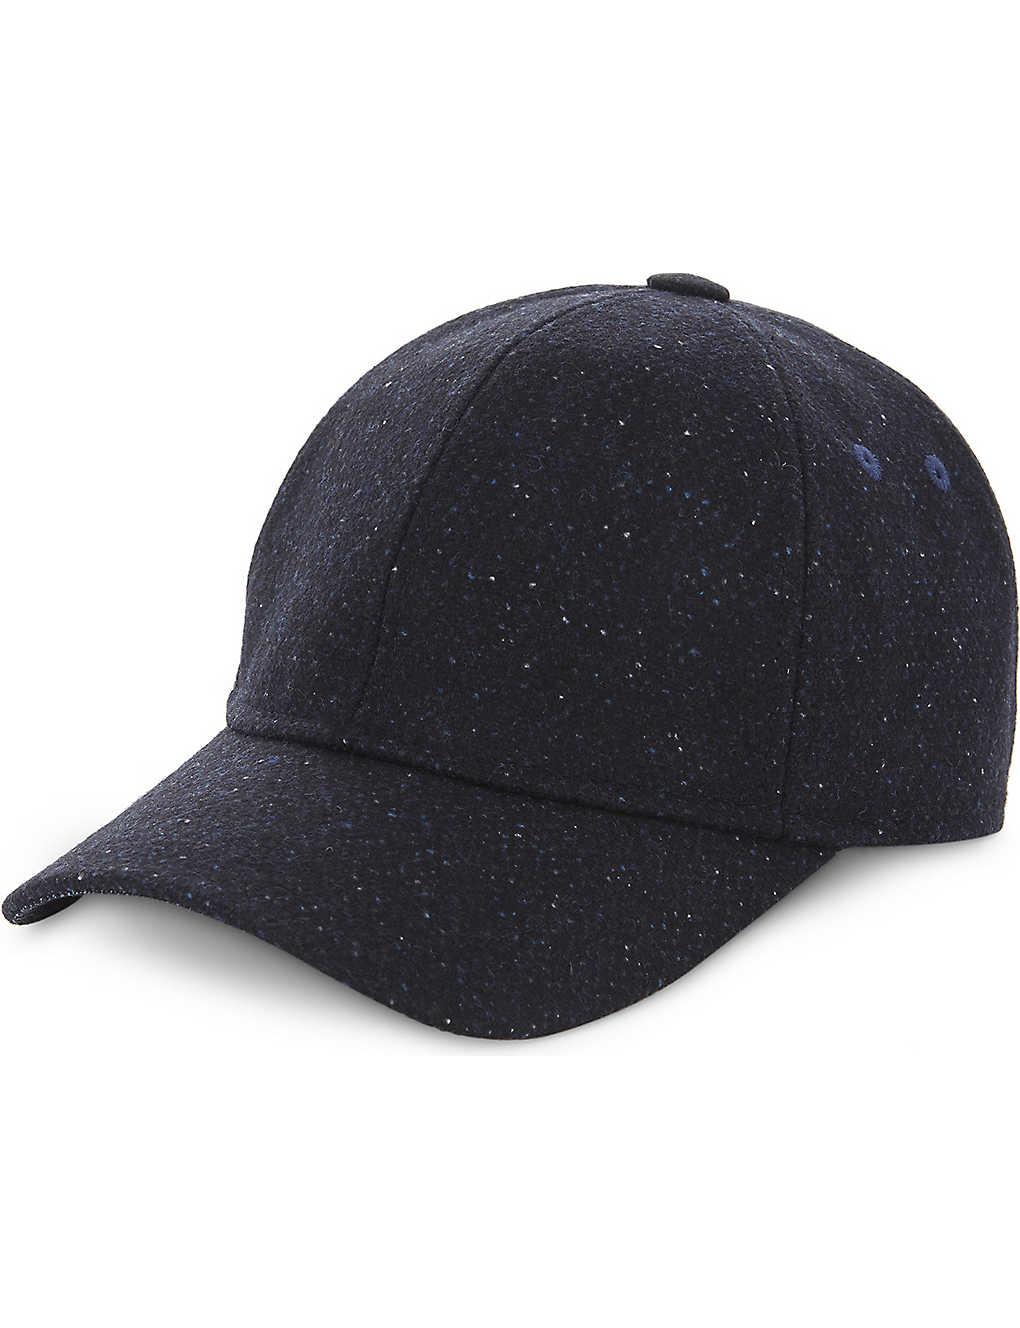 42581da90be TED BAKER - Wool textured baseball cap